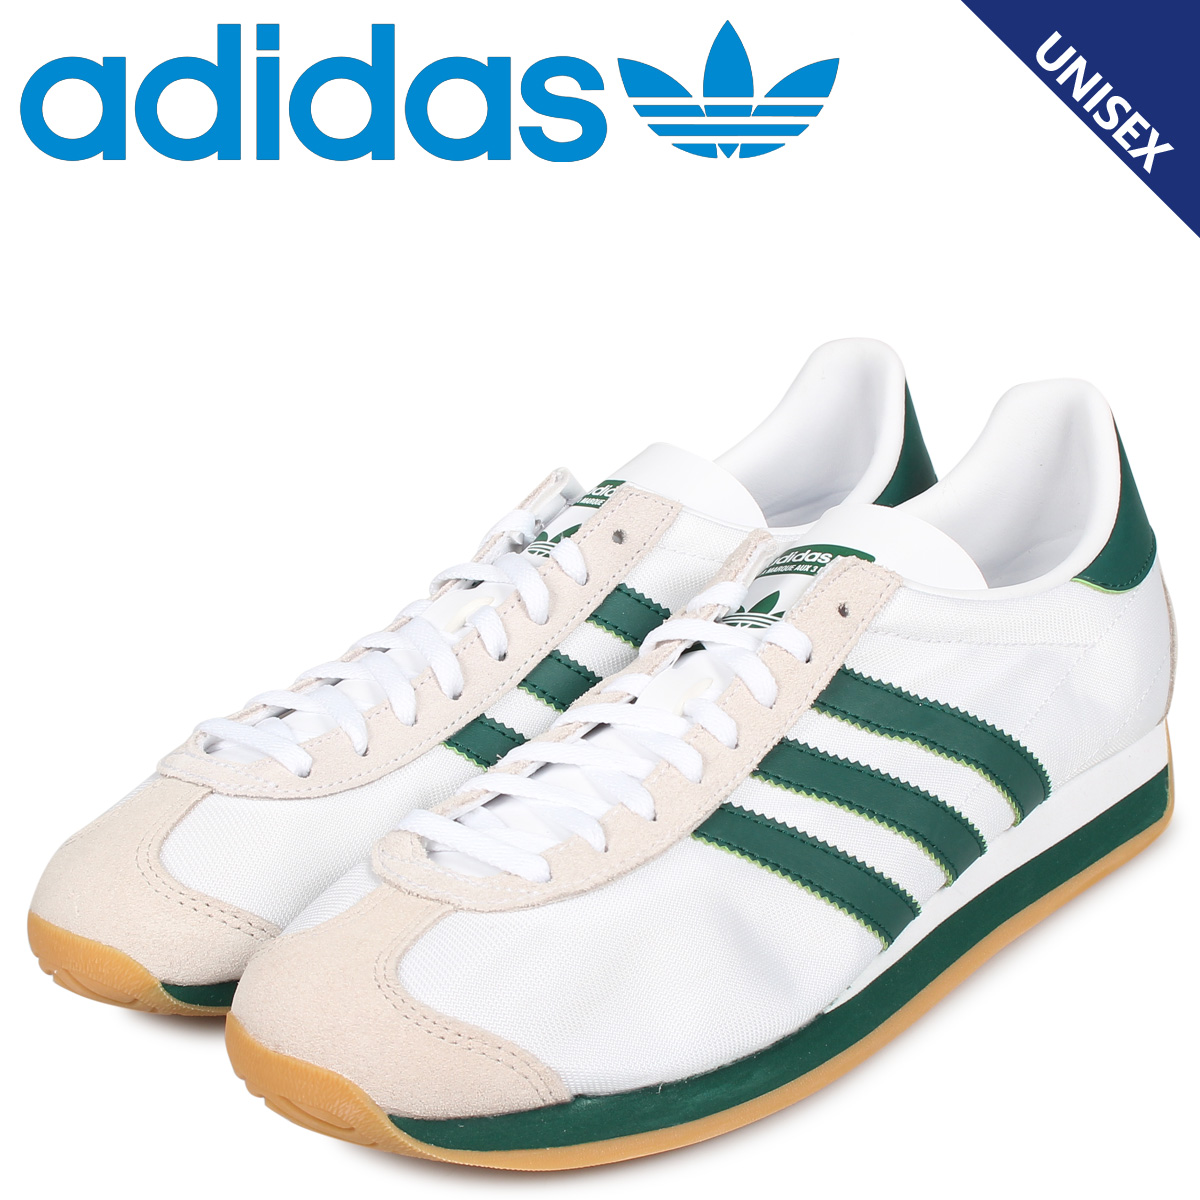 adidas Originals Adidas originals country OG sneakers men gap Dis COUNTRY OG white white EE5745